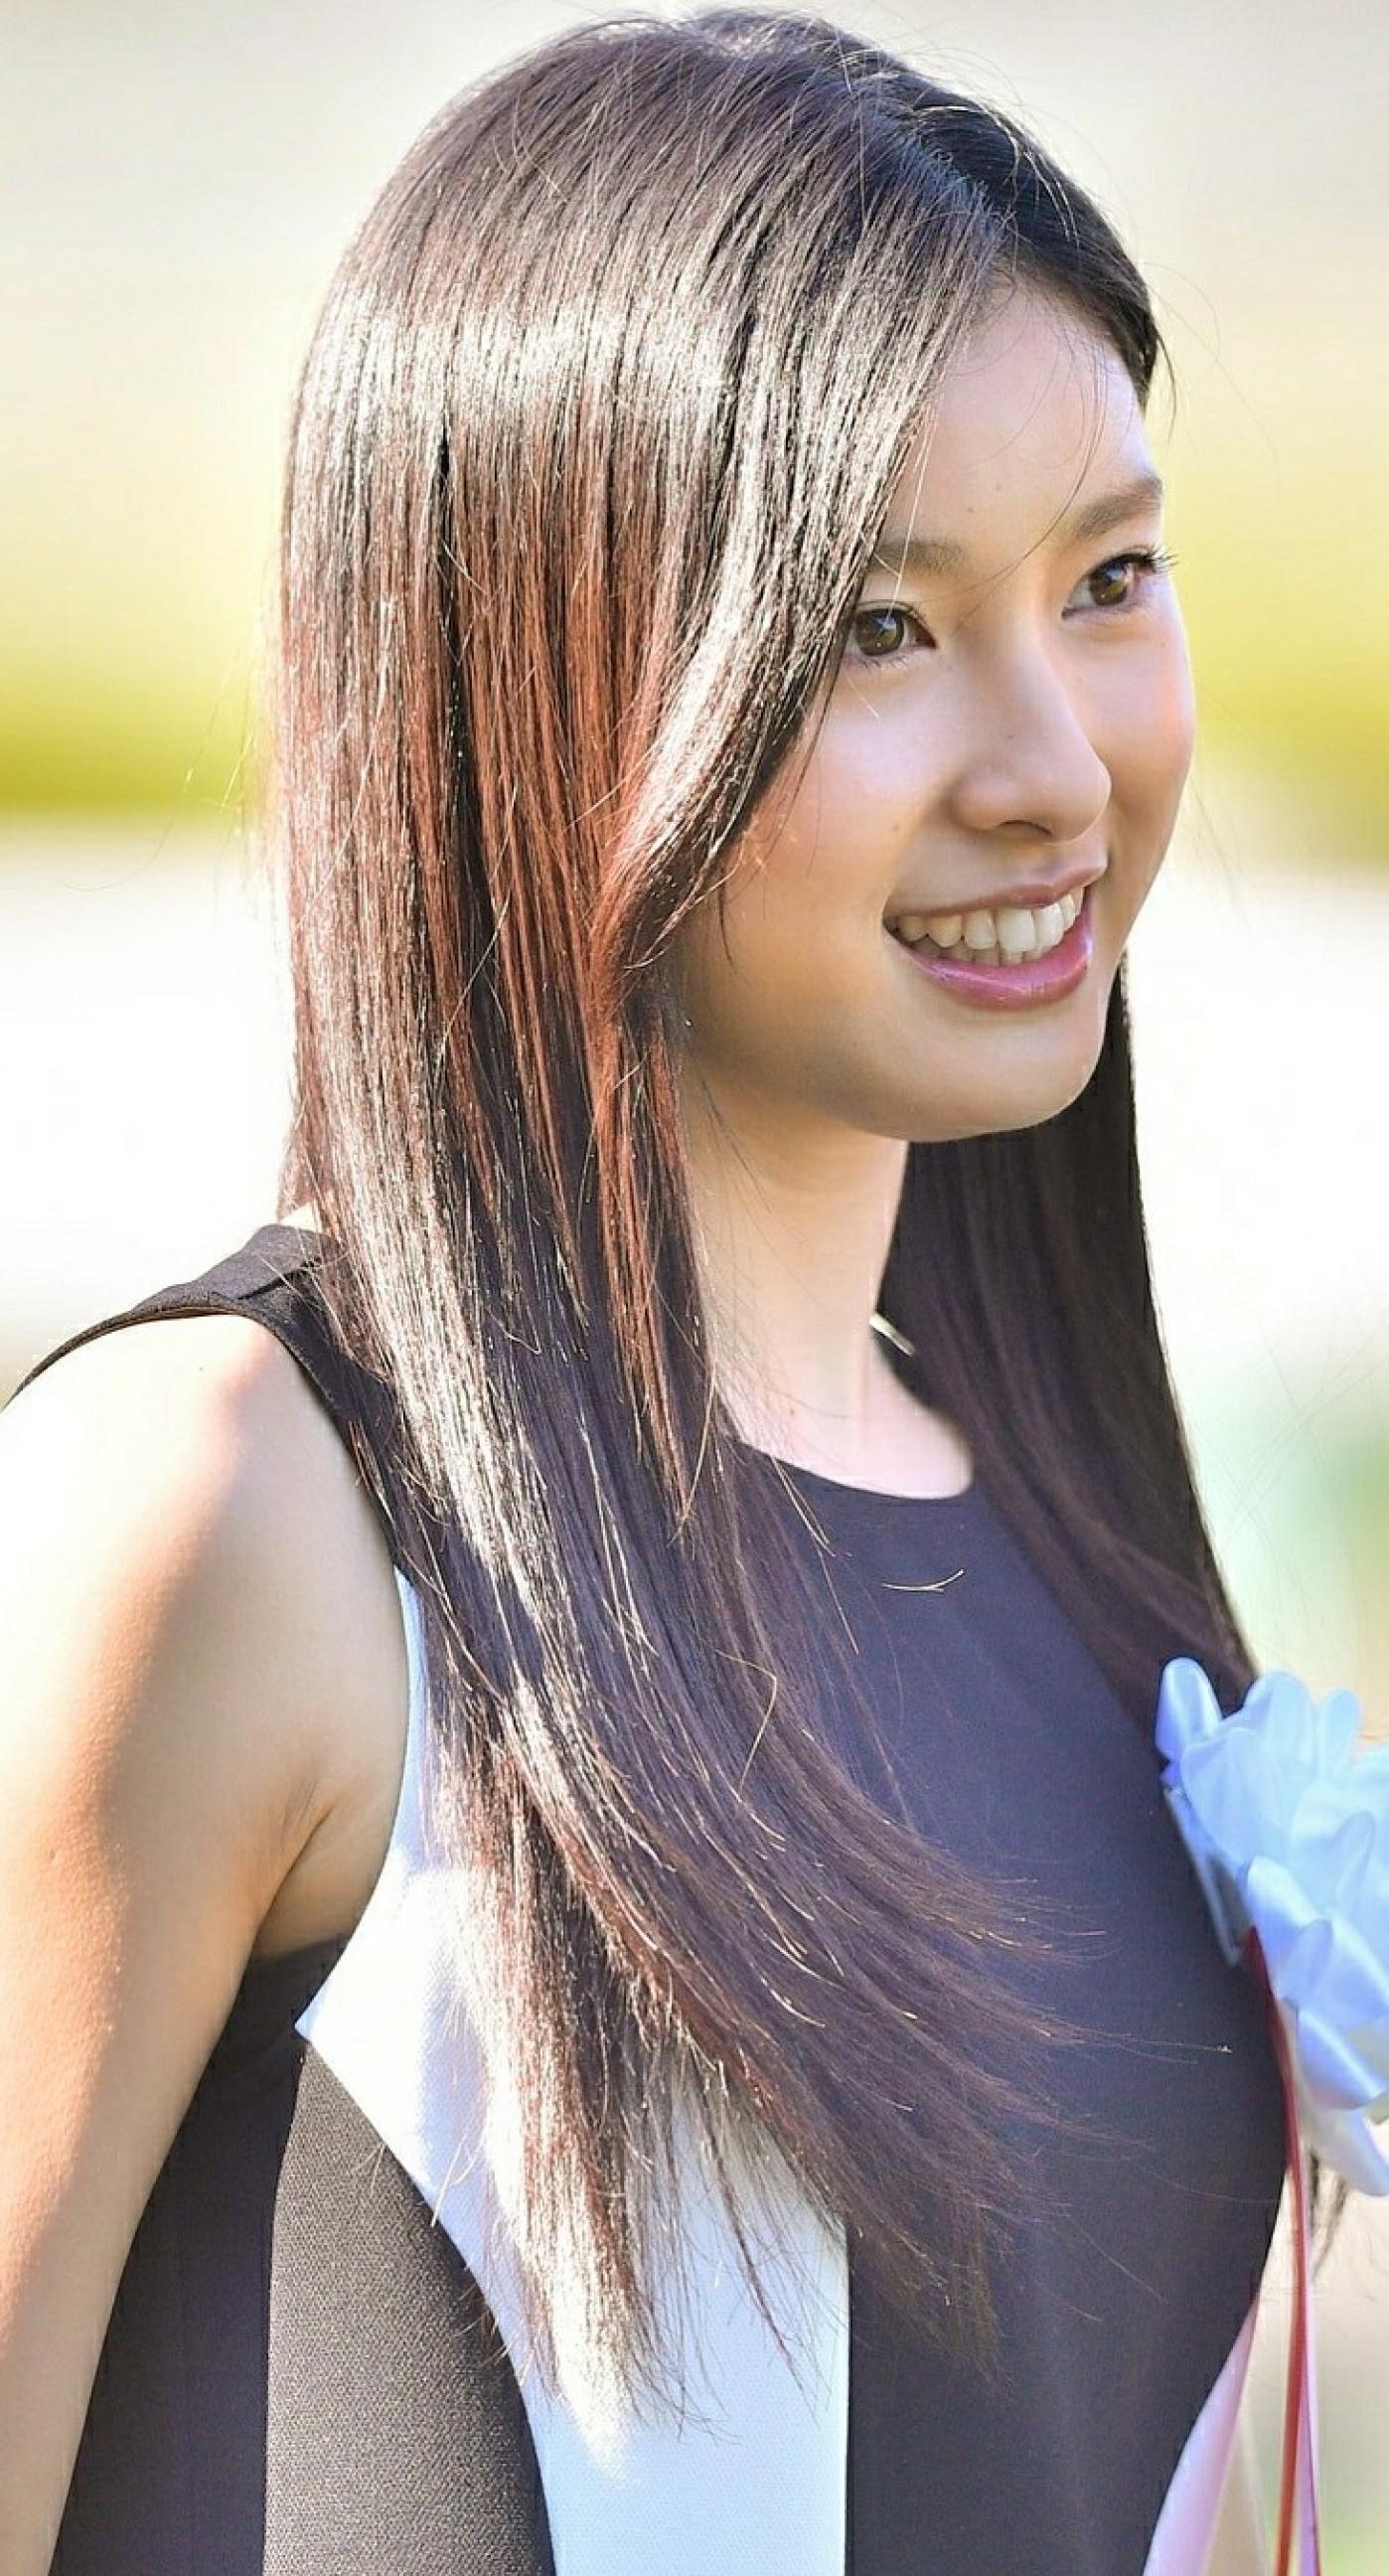 土屋太鳳の画像 p1_19